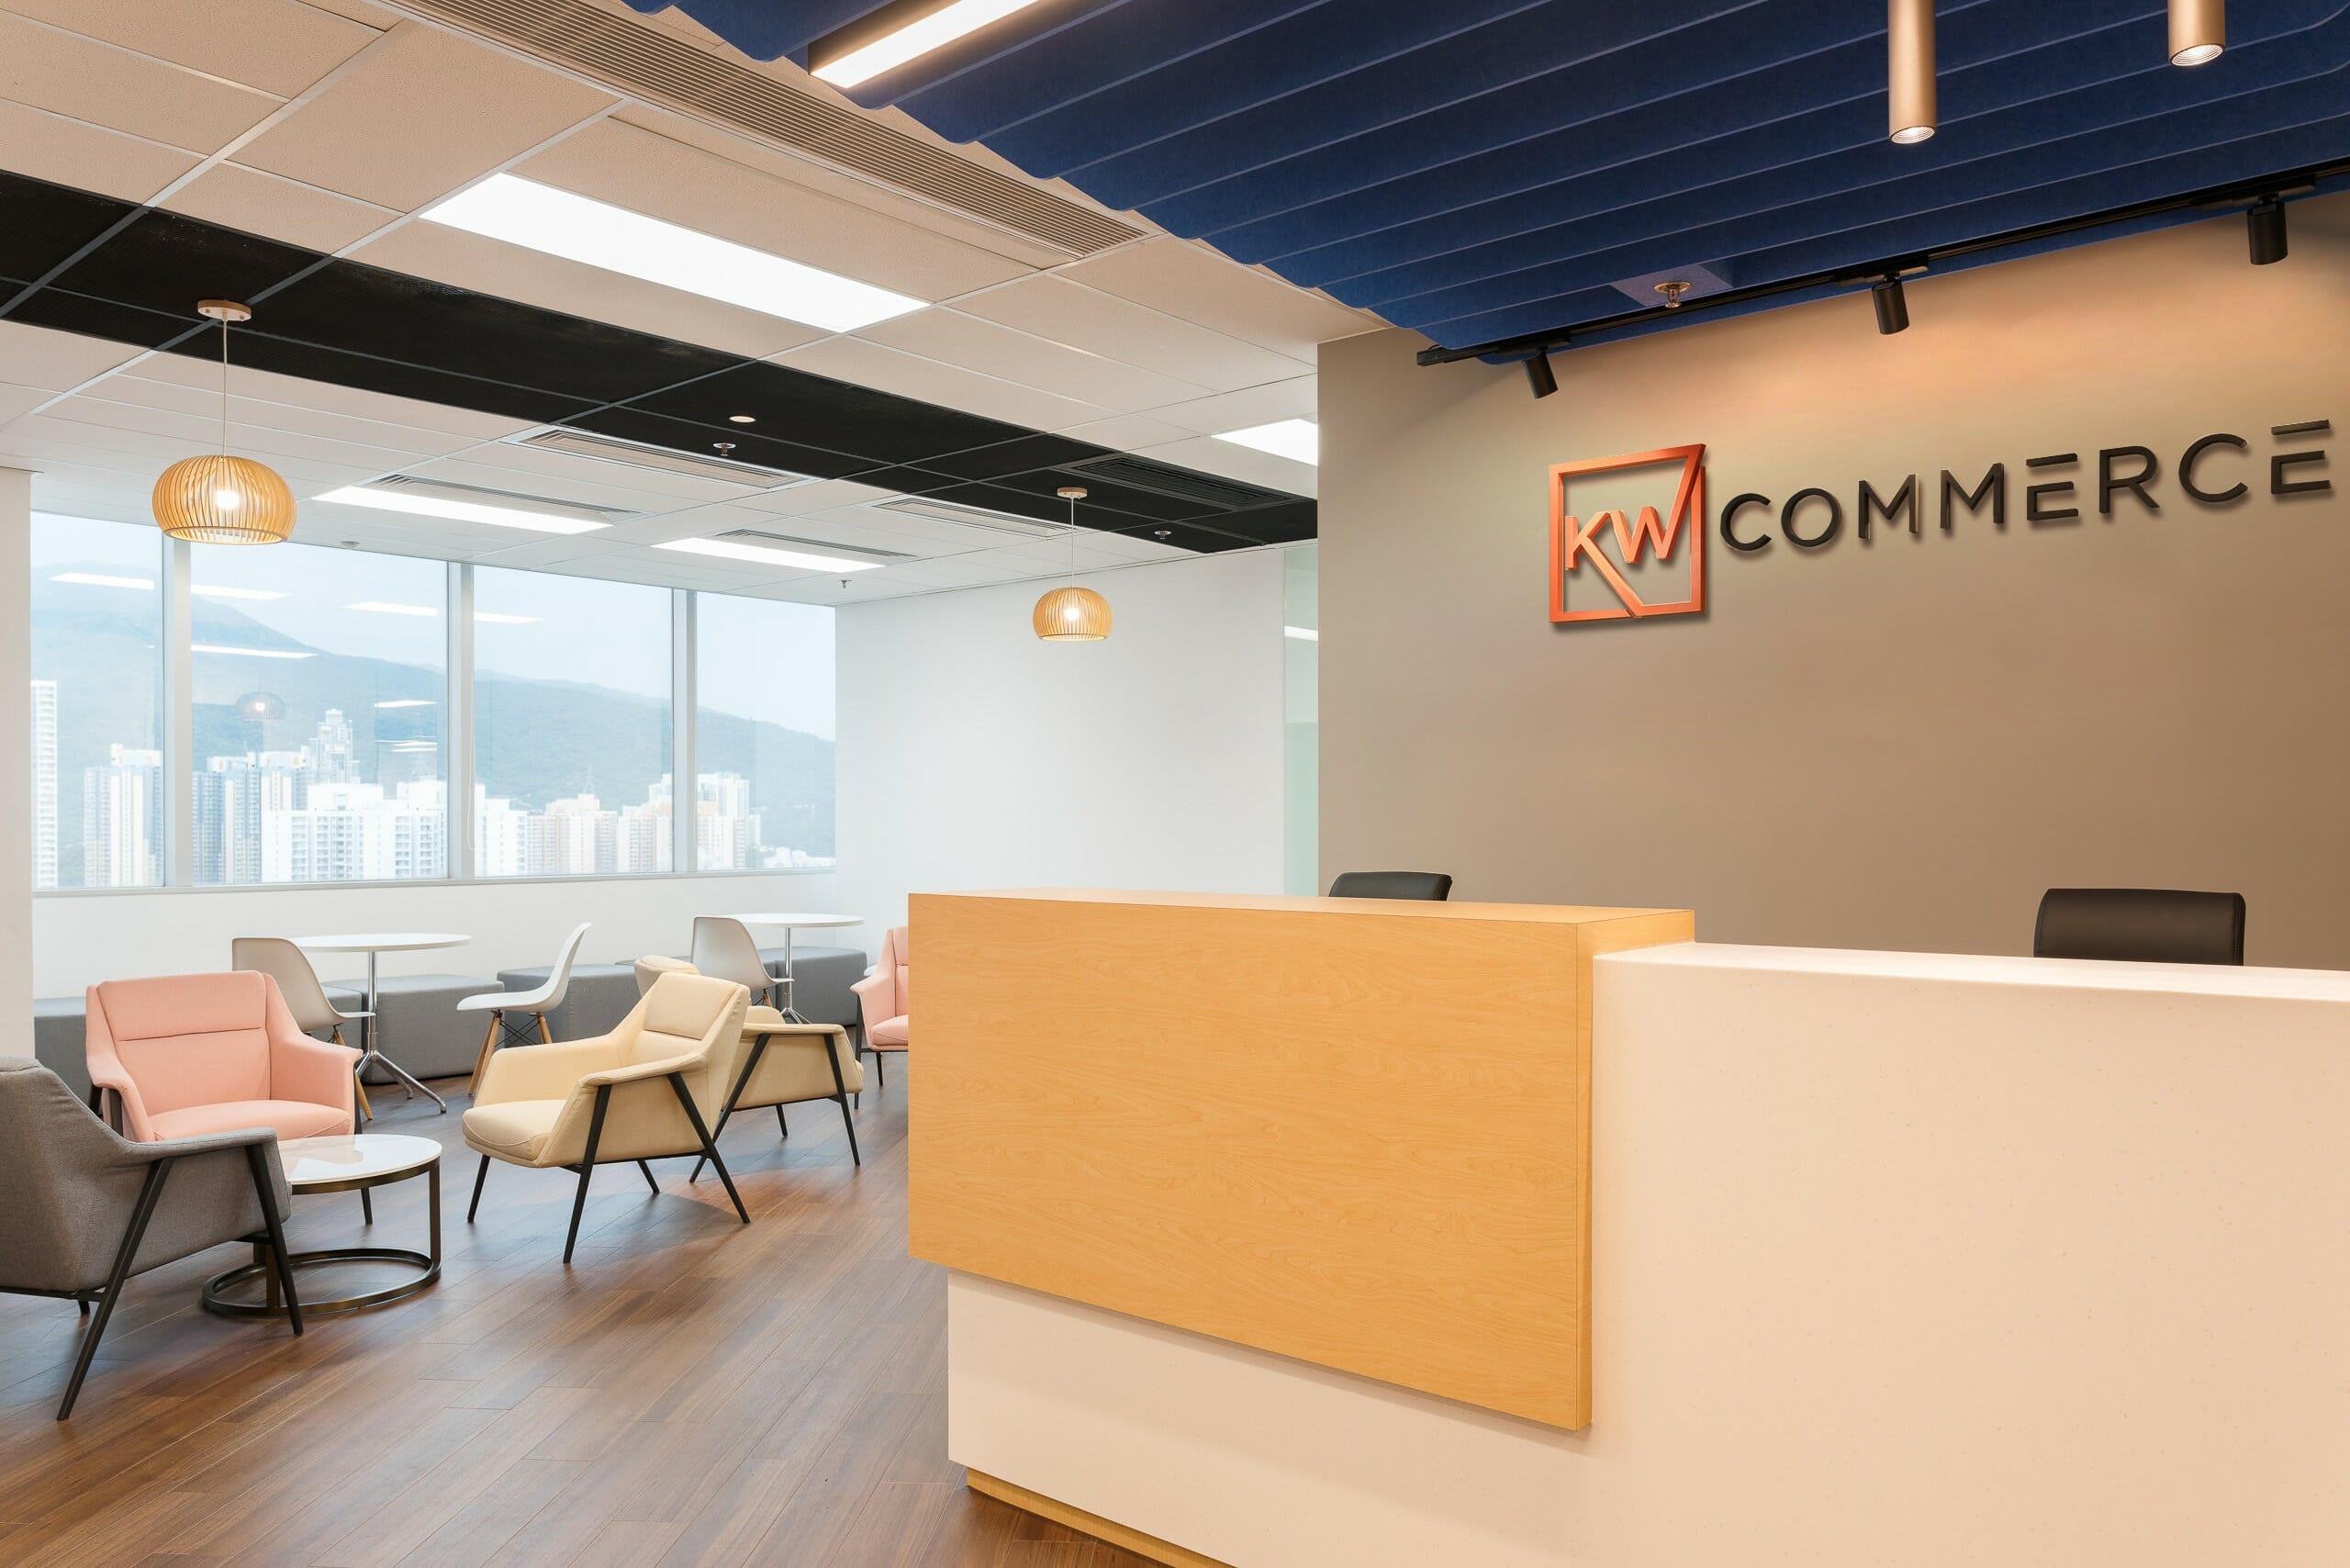 KW Commerce Headquarters